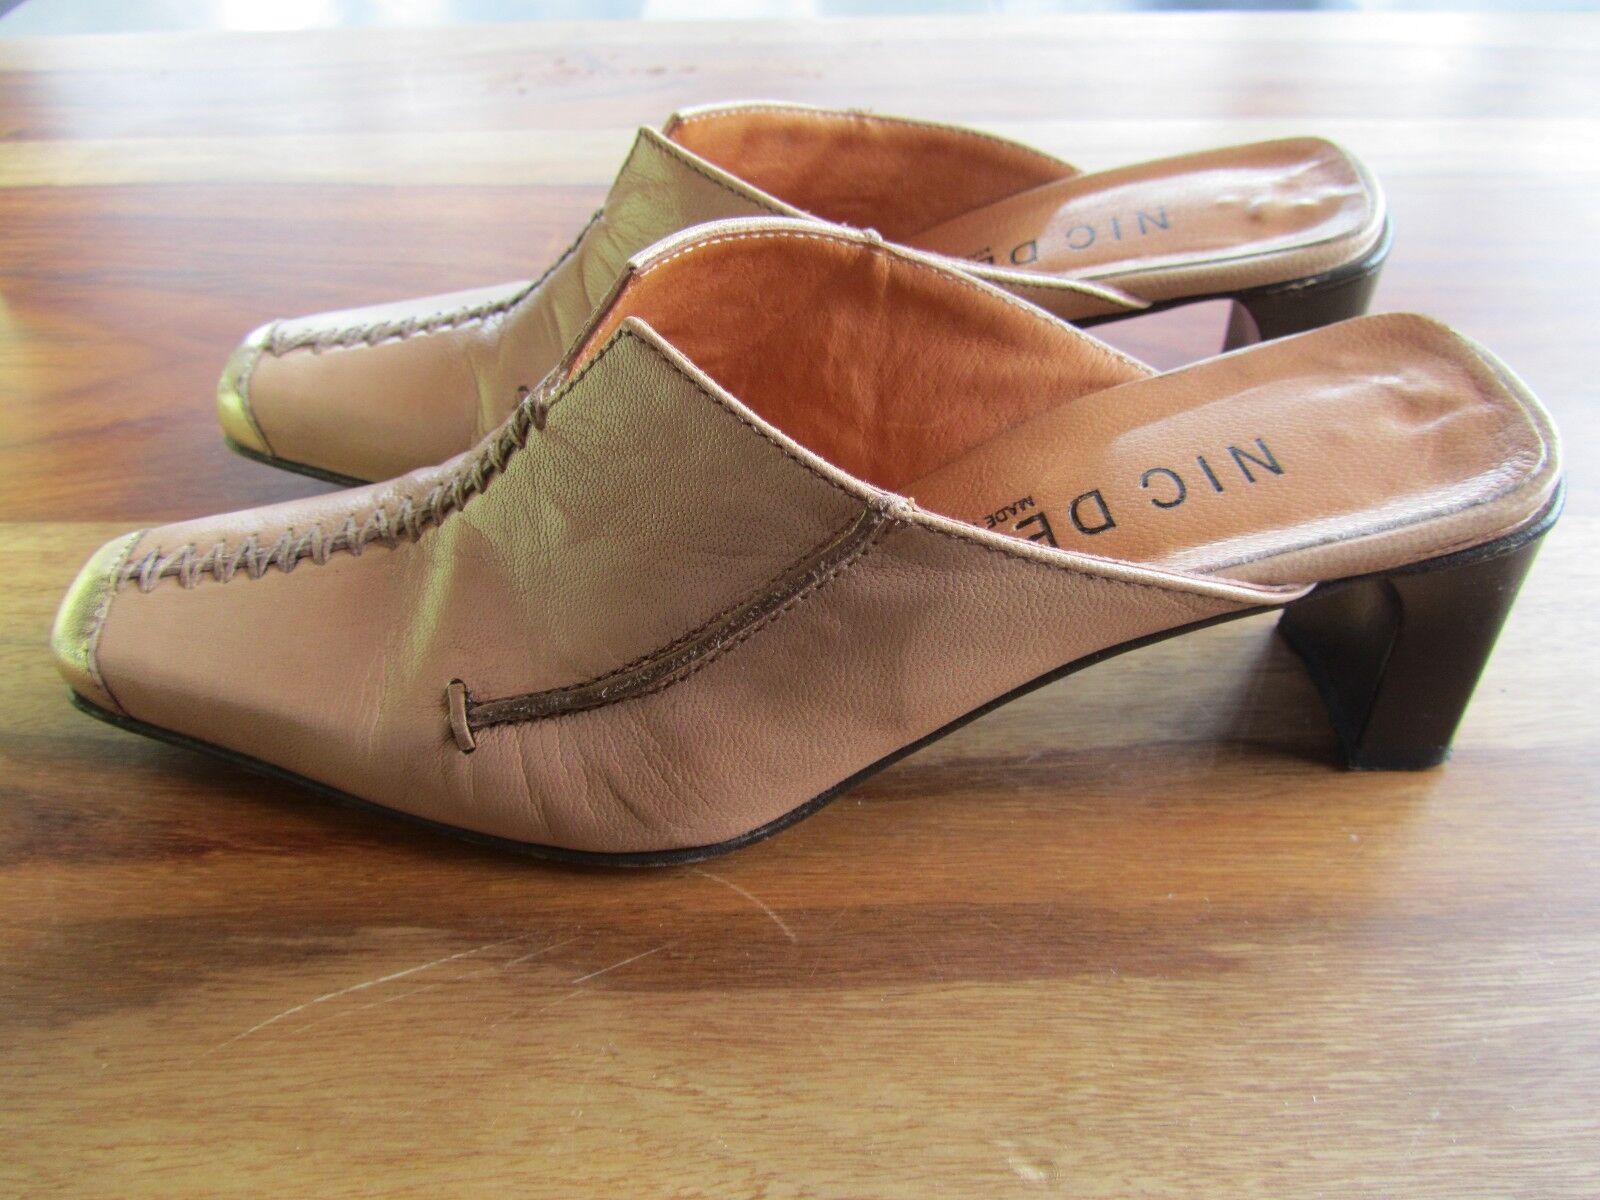 NIC DEAN PERLATO ORO VITELLO SLIP ON LADIES Schuhe SIZE 36 SAND 50mm HEEL